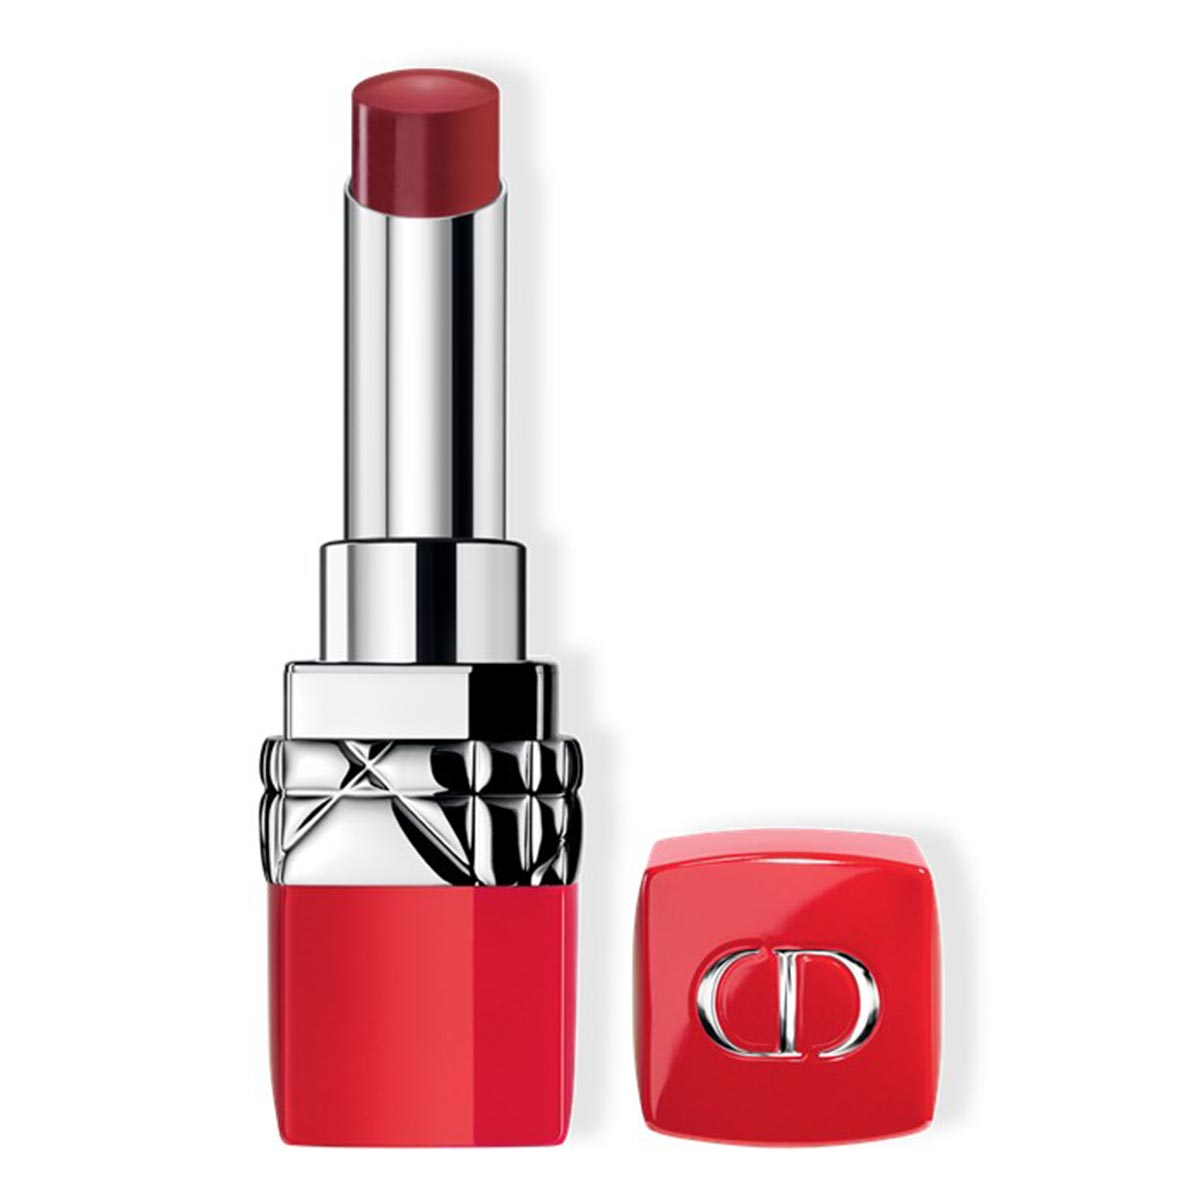 Dior rouge dior lipstick 600 ultra tough